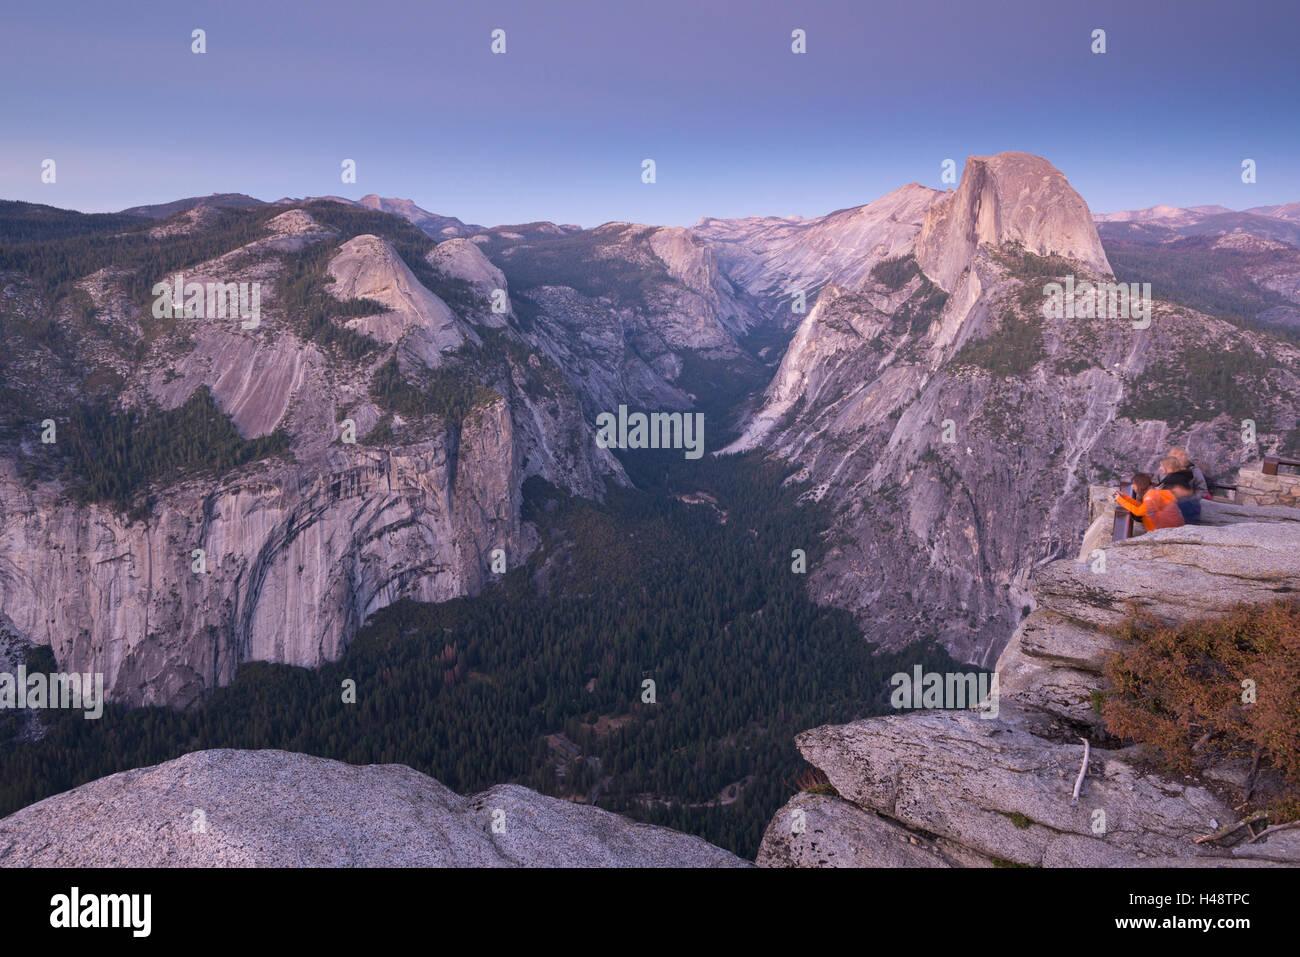 Affichage des touristes et la vallée Yosemite Half Dome de Glacier Point, Yosemite National Park, California, USA. L'automne (octobre) 201 Banque D'Images